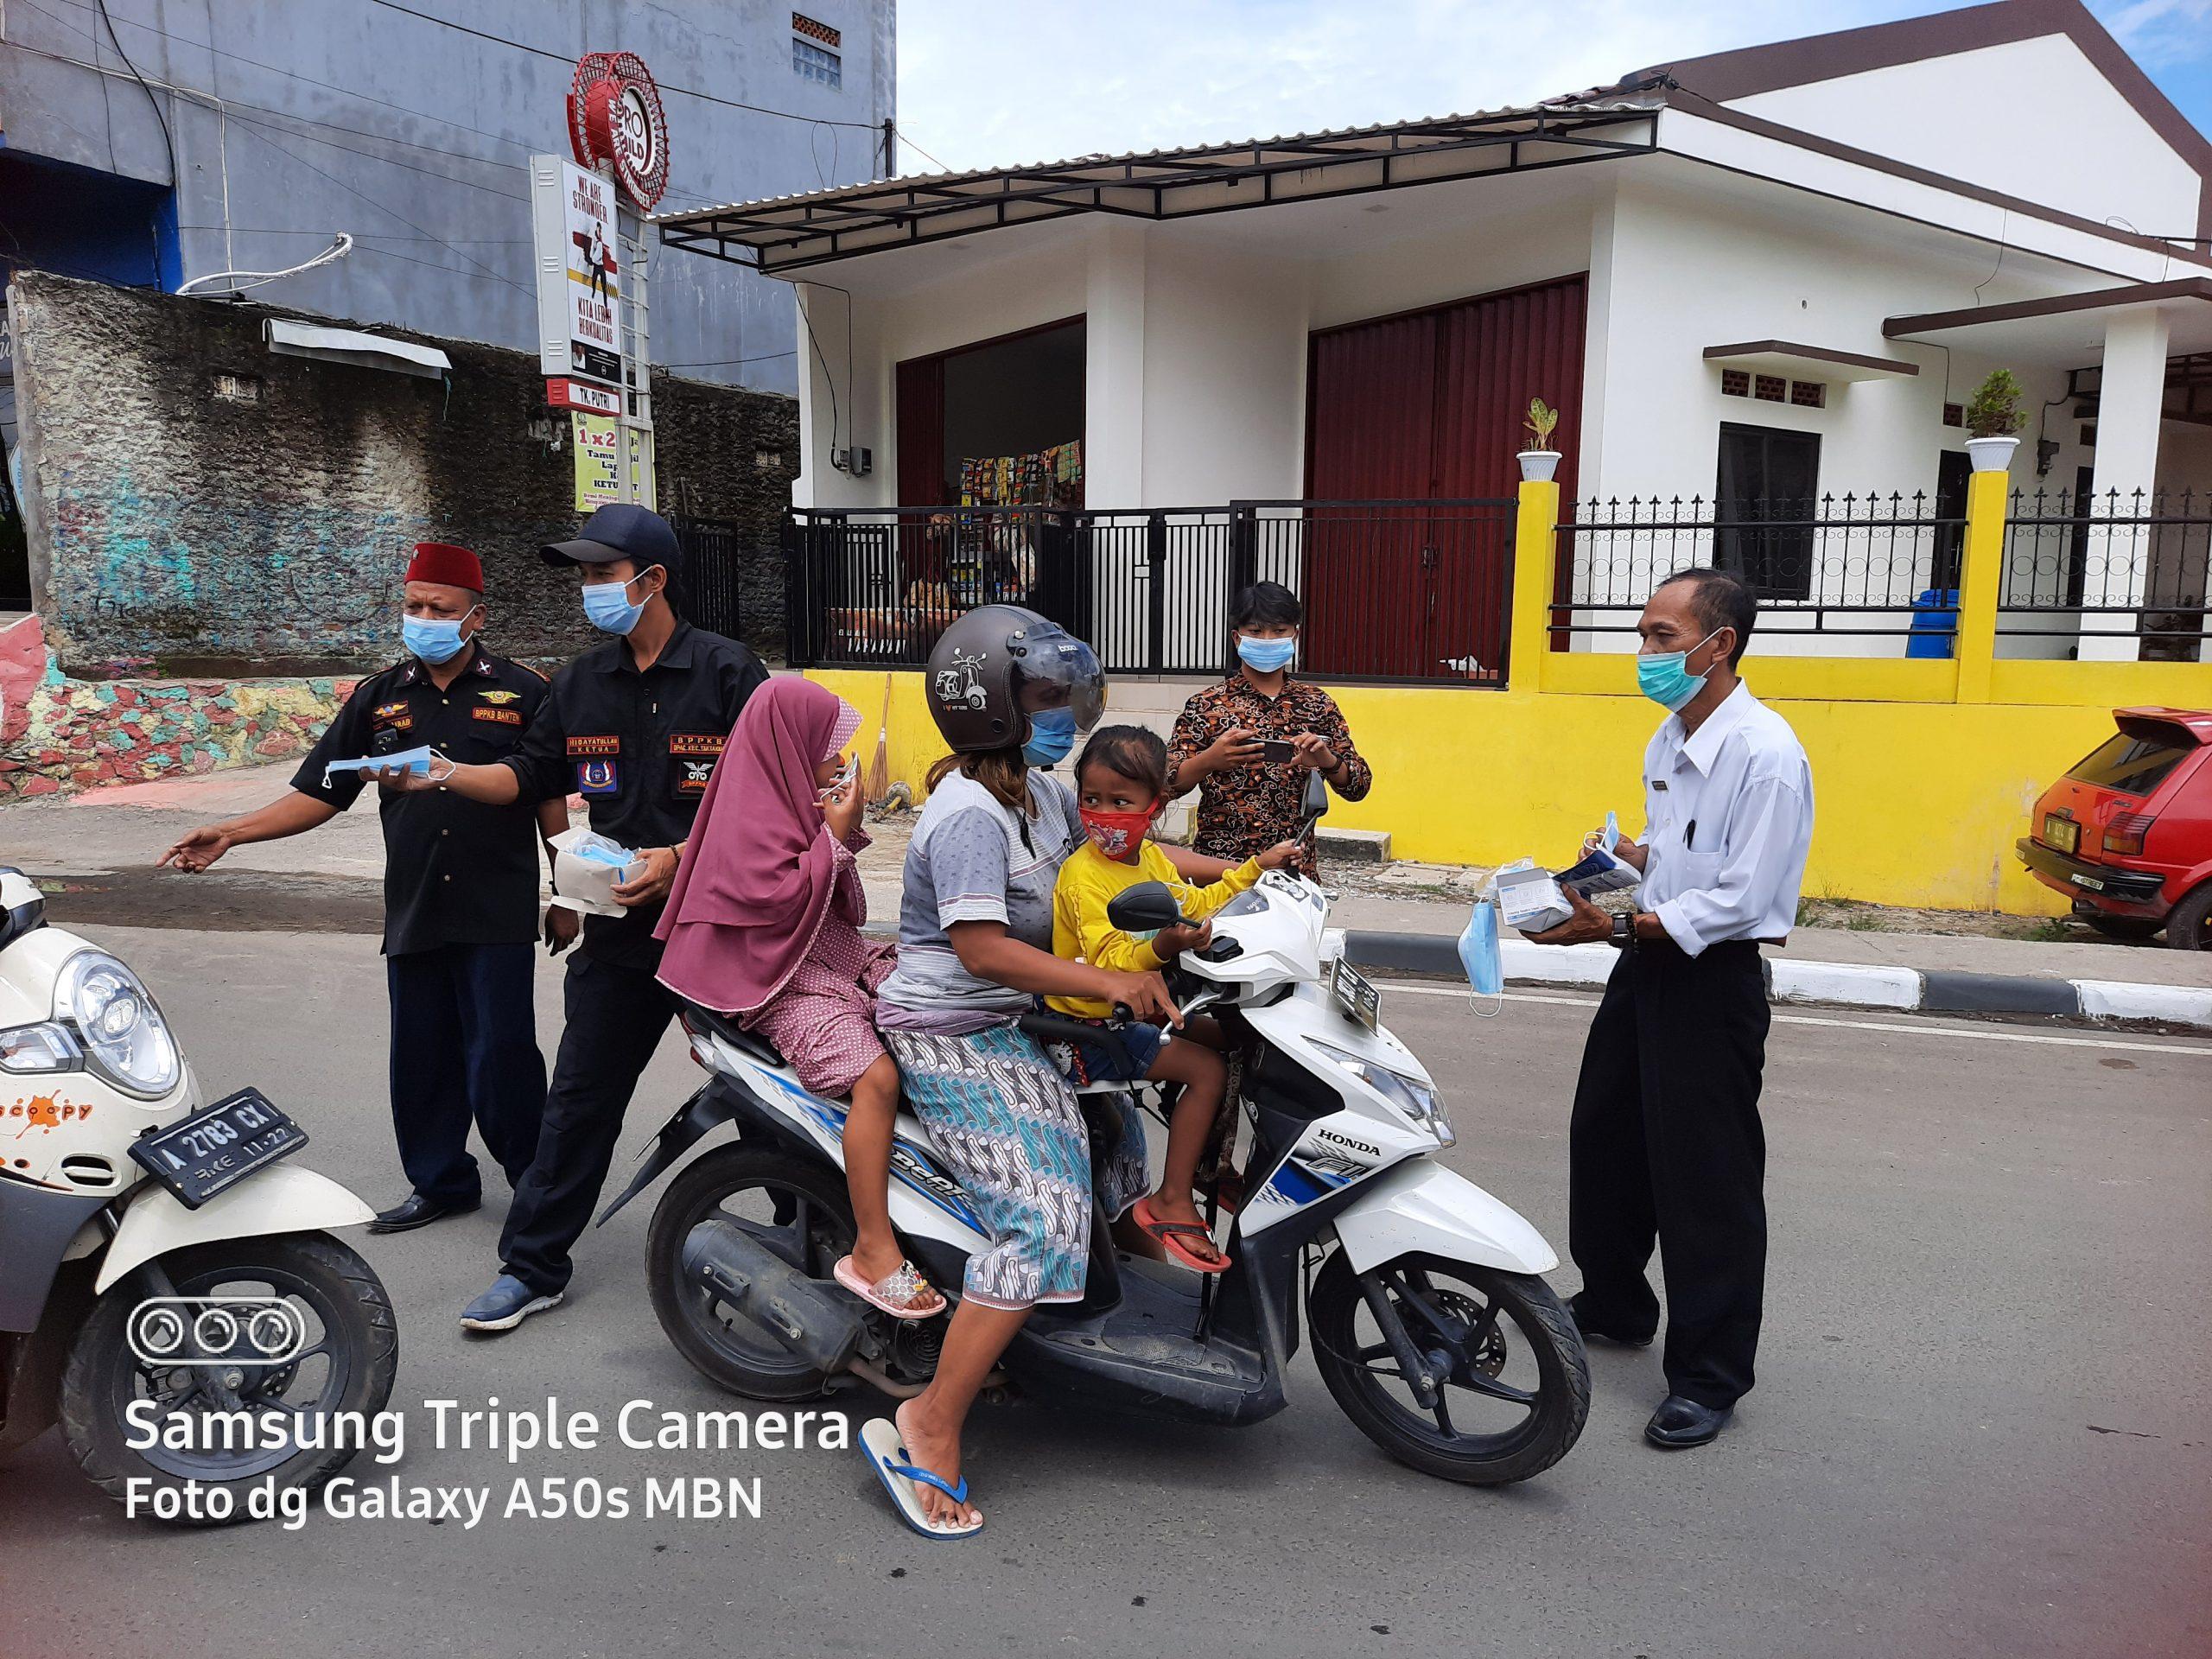 Gambar Ketua DPC BPPKB Kota Serang Turun ke Jalan Bagikan Ratusan Masker 3